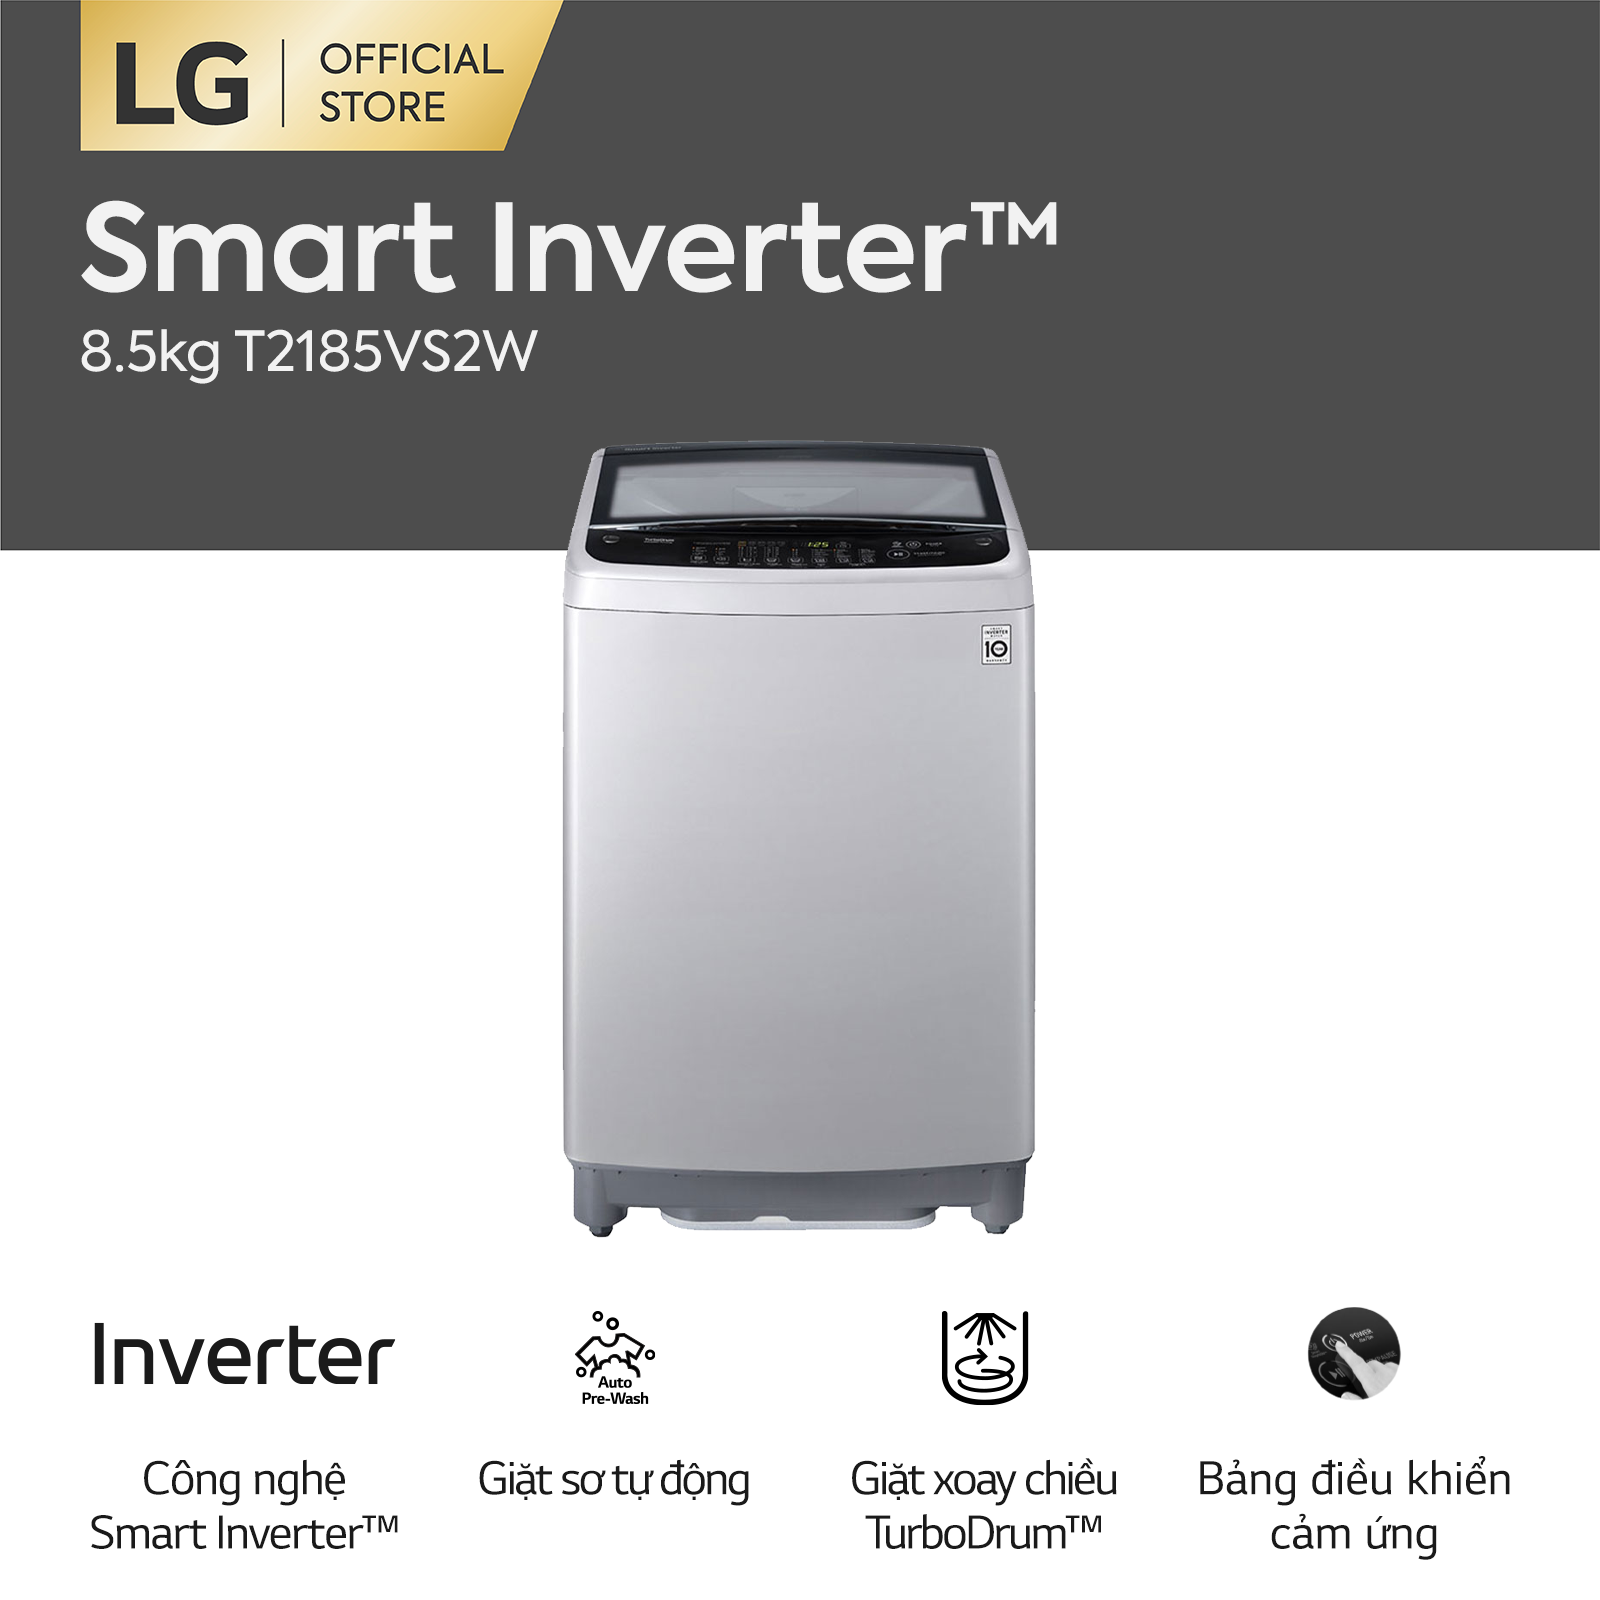 [FREESHIP 500K TOÀN QUỐC] Máy giặt lồng đứng LG Inverter T2185VS2W 8.5kg – Hãng phân phối chính thức